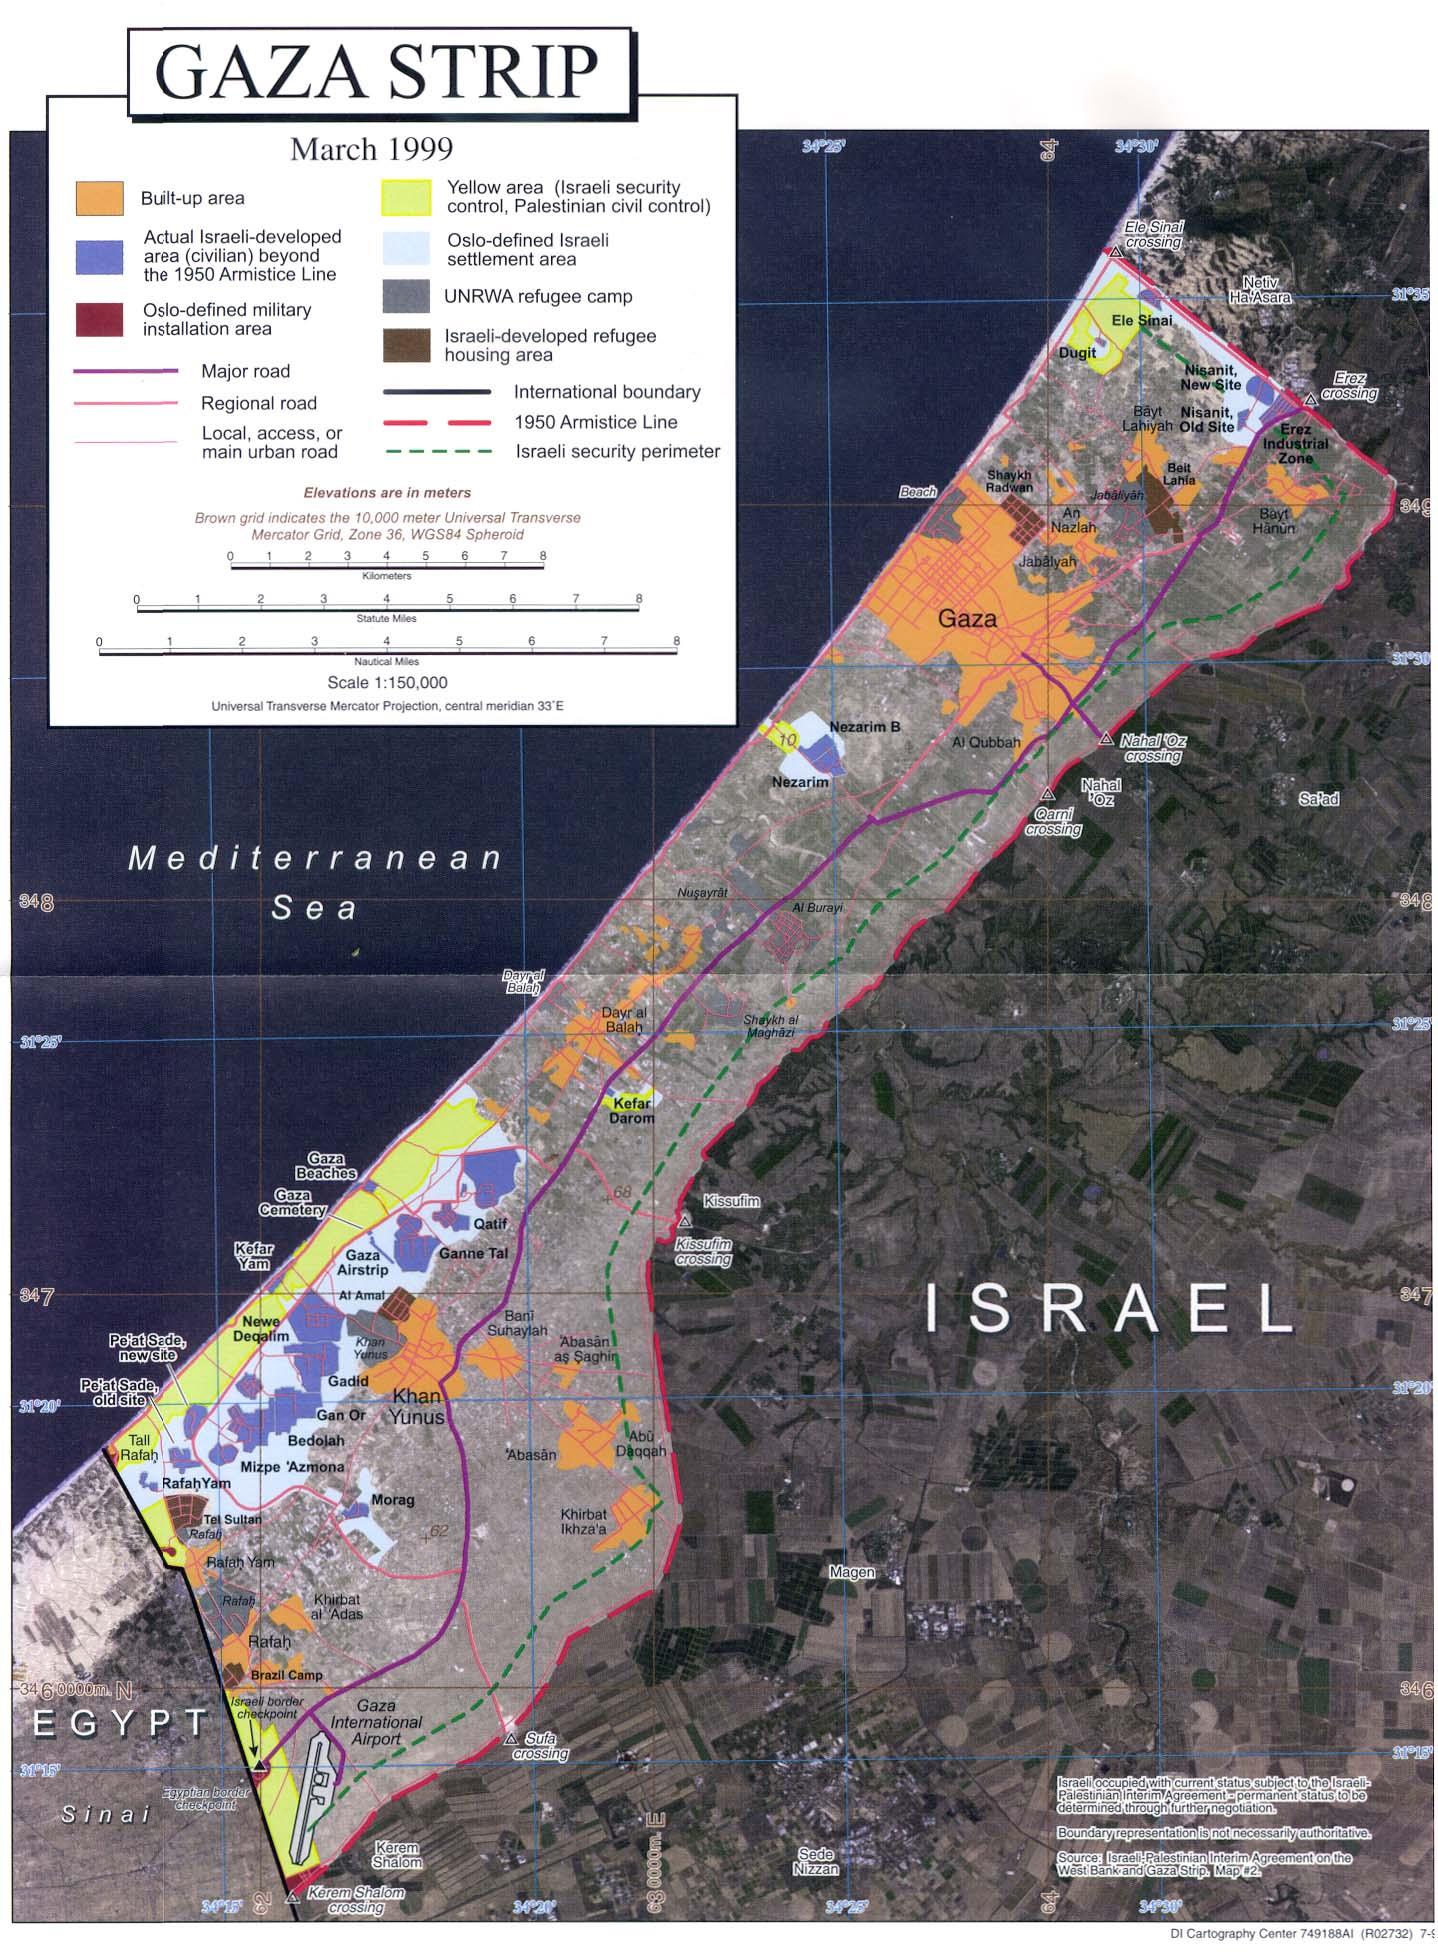 Gaza_Strip_CIA_pol_99.jpg